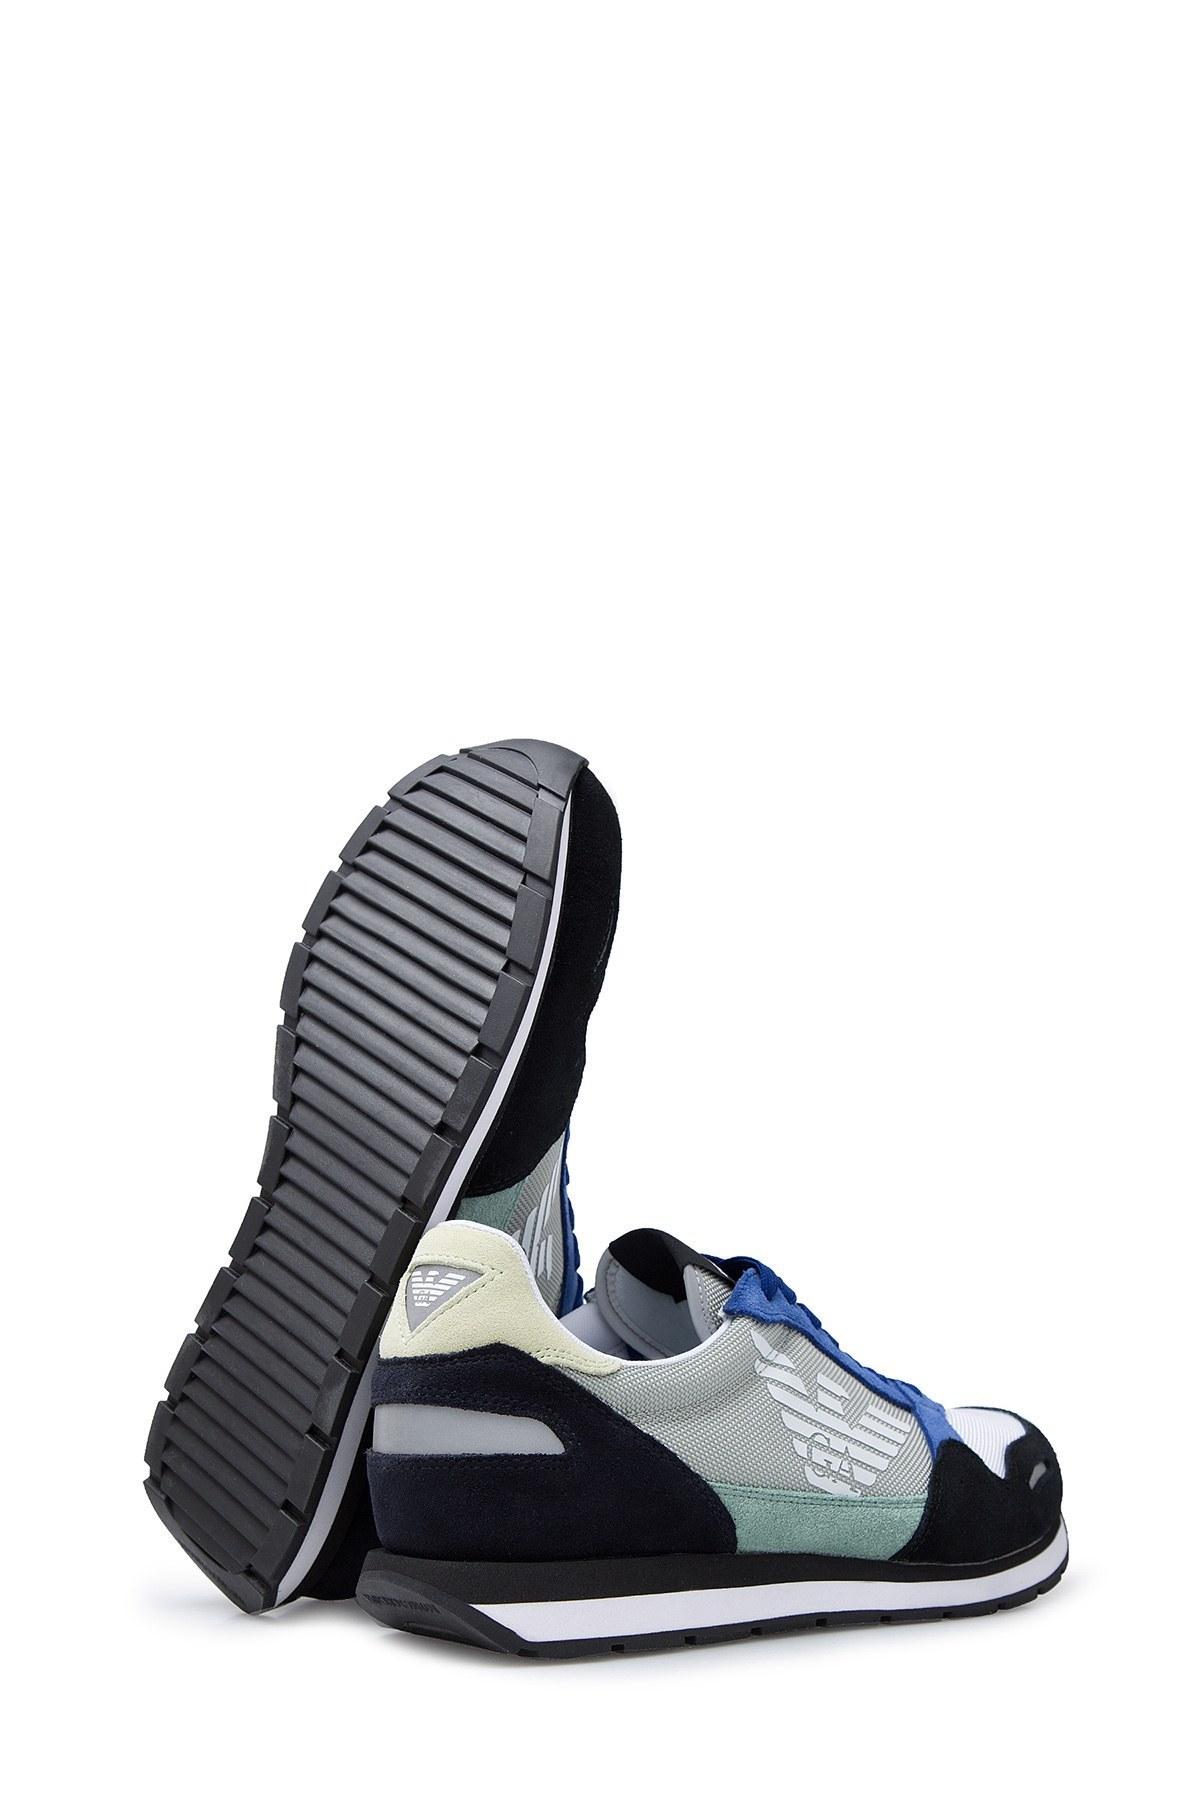 Emporio Armani Erkek Ayakkabı X4X215 XL200 R873 LACİVERT-SAKS